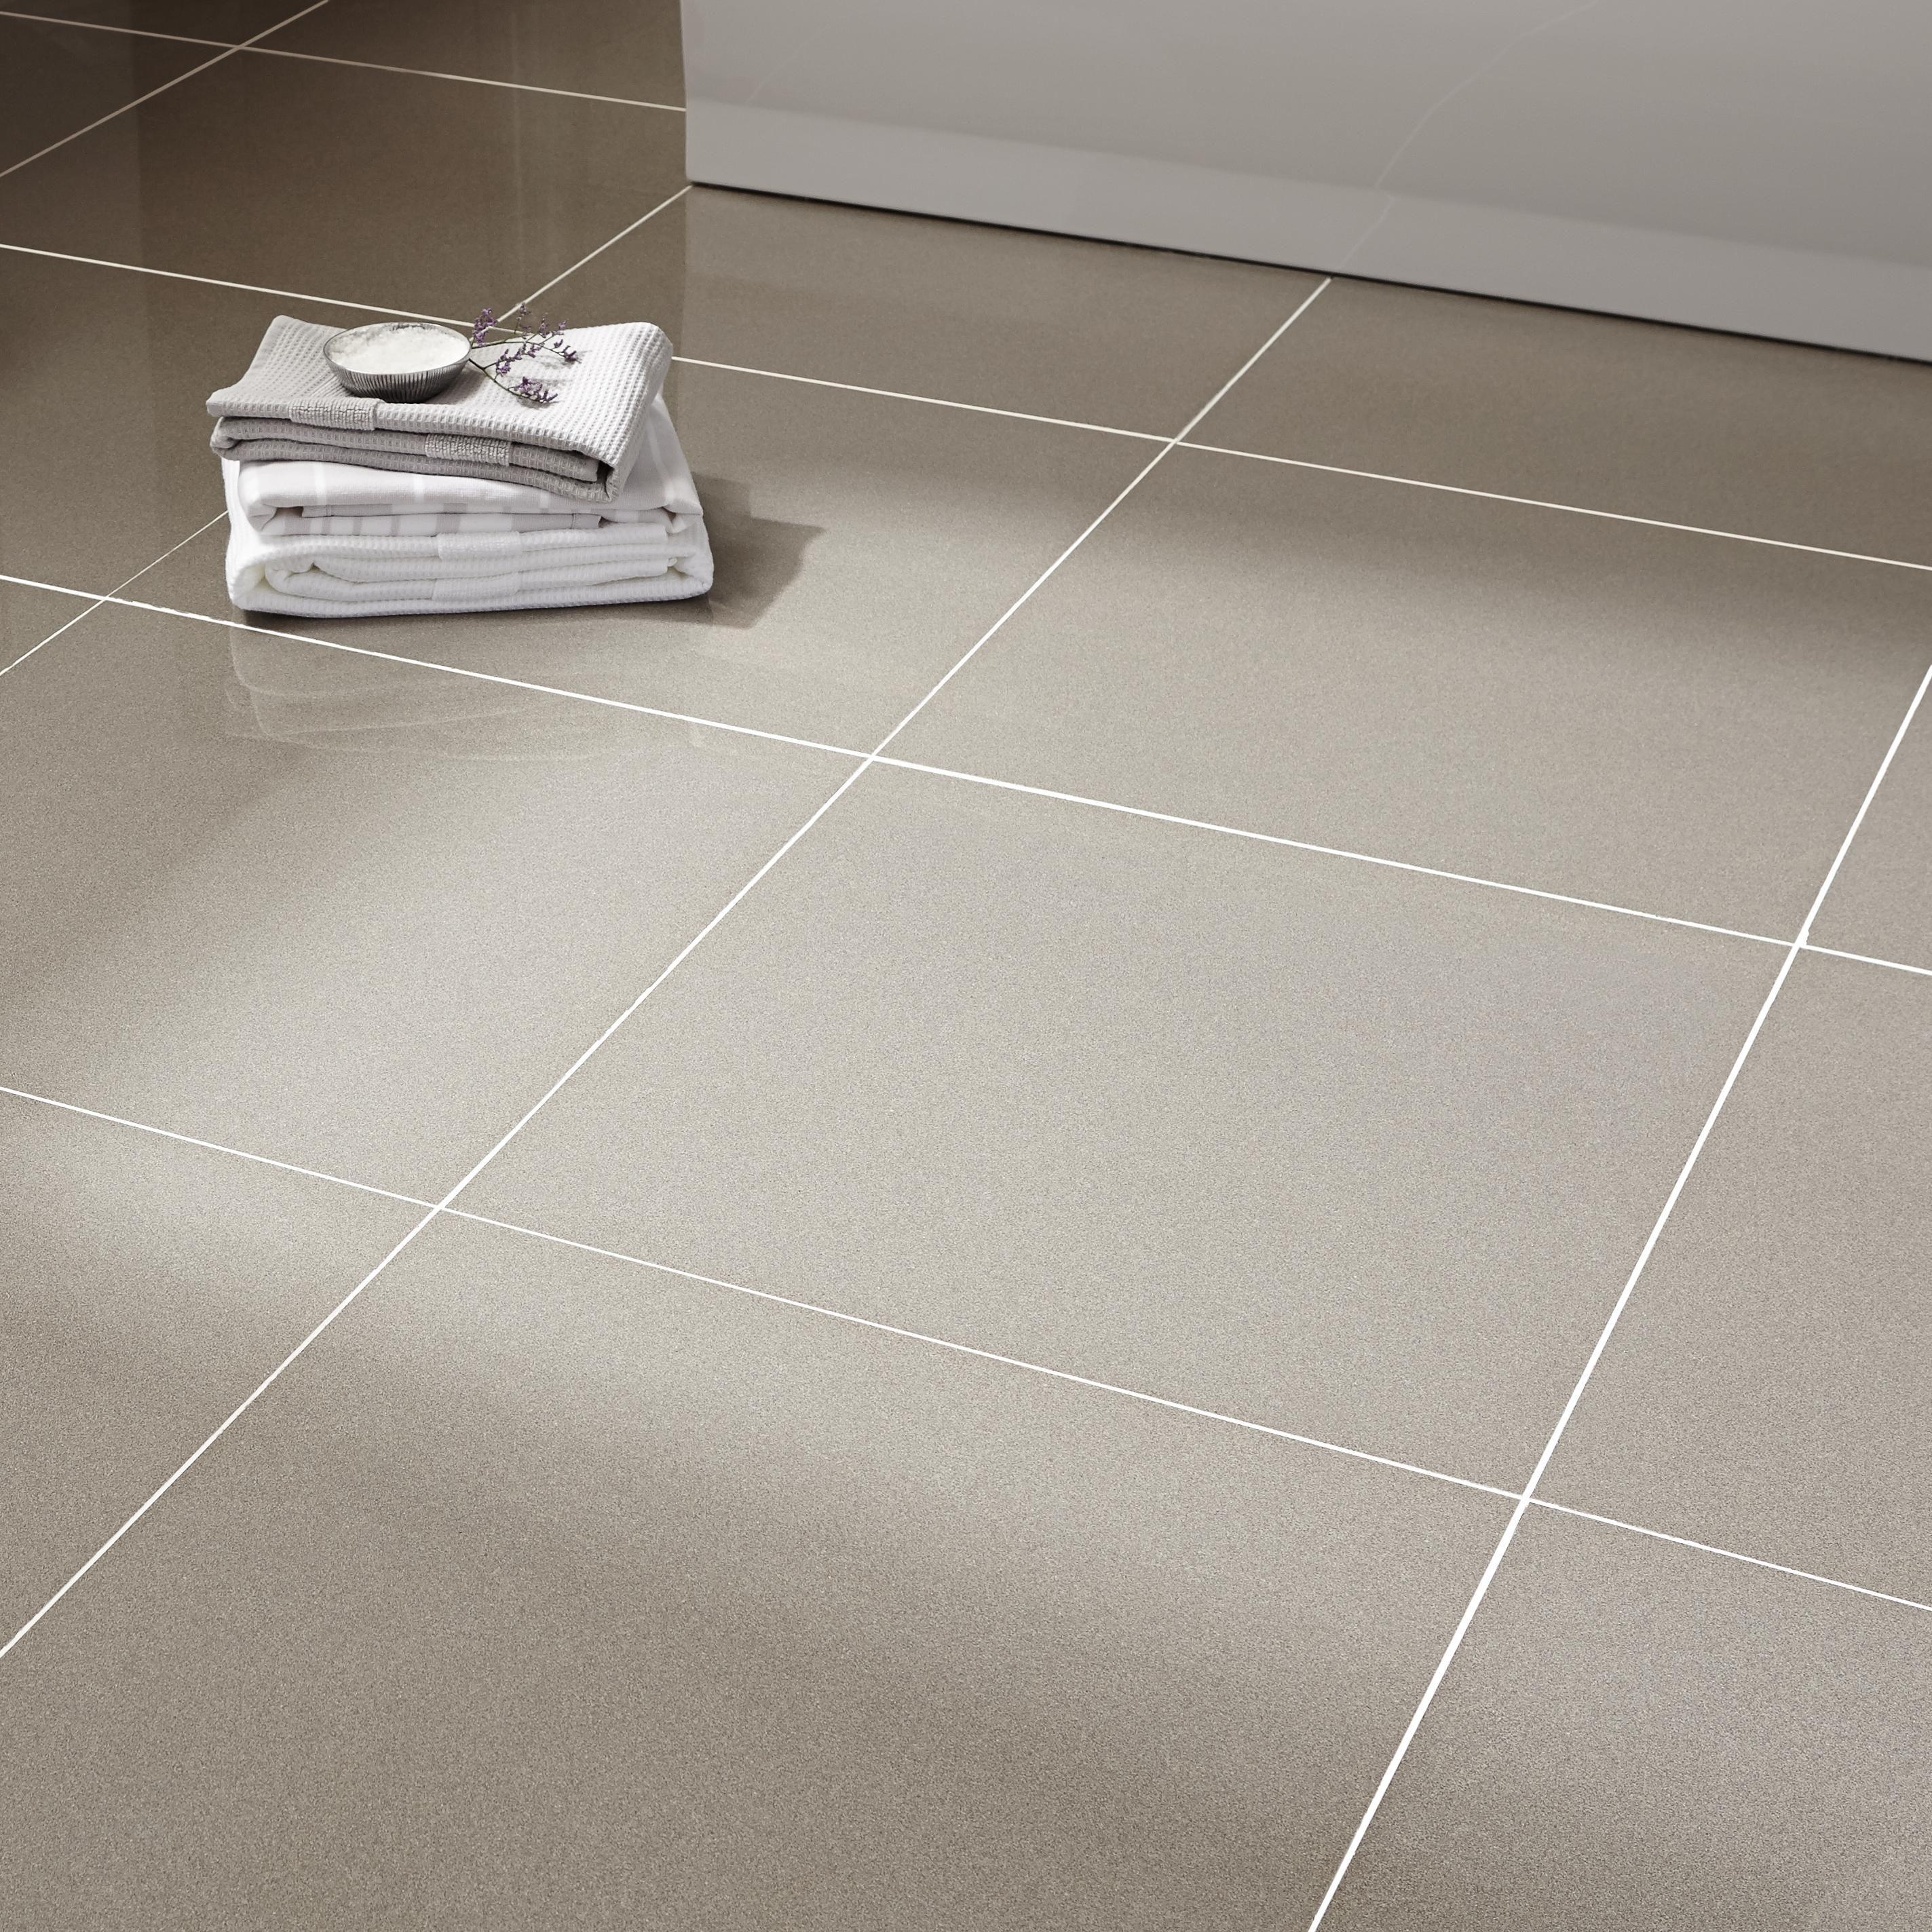 How To Lay Floor Tiles Ideas Advice Diy At Bq